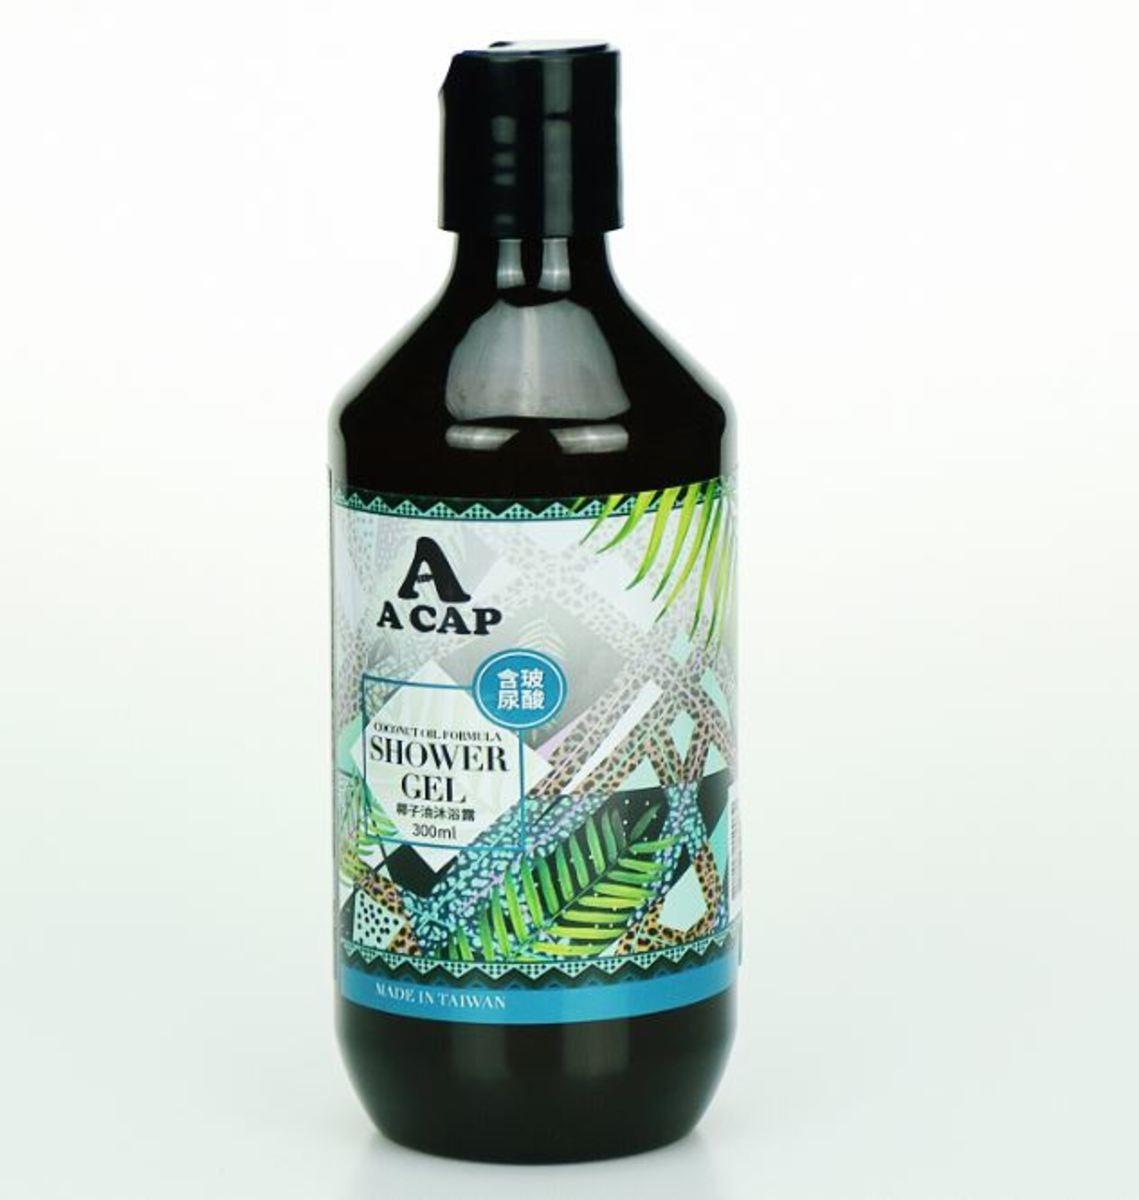 椰子油沐浴露 (含玻尿酸) 300ml 4711828150032